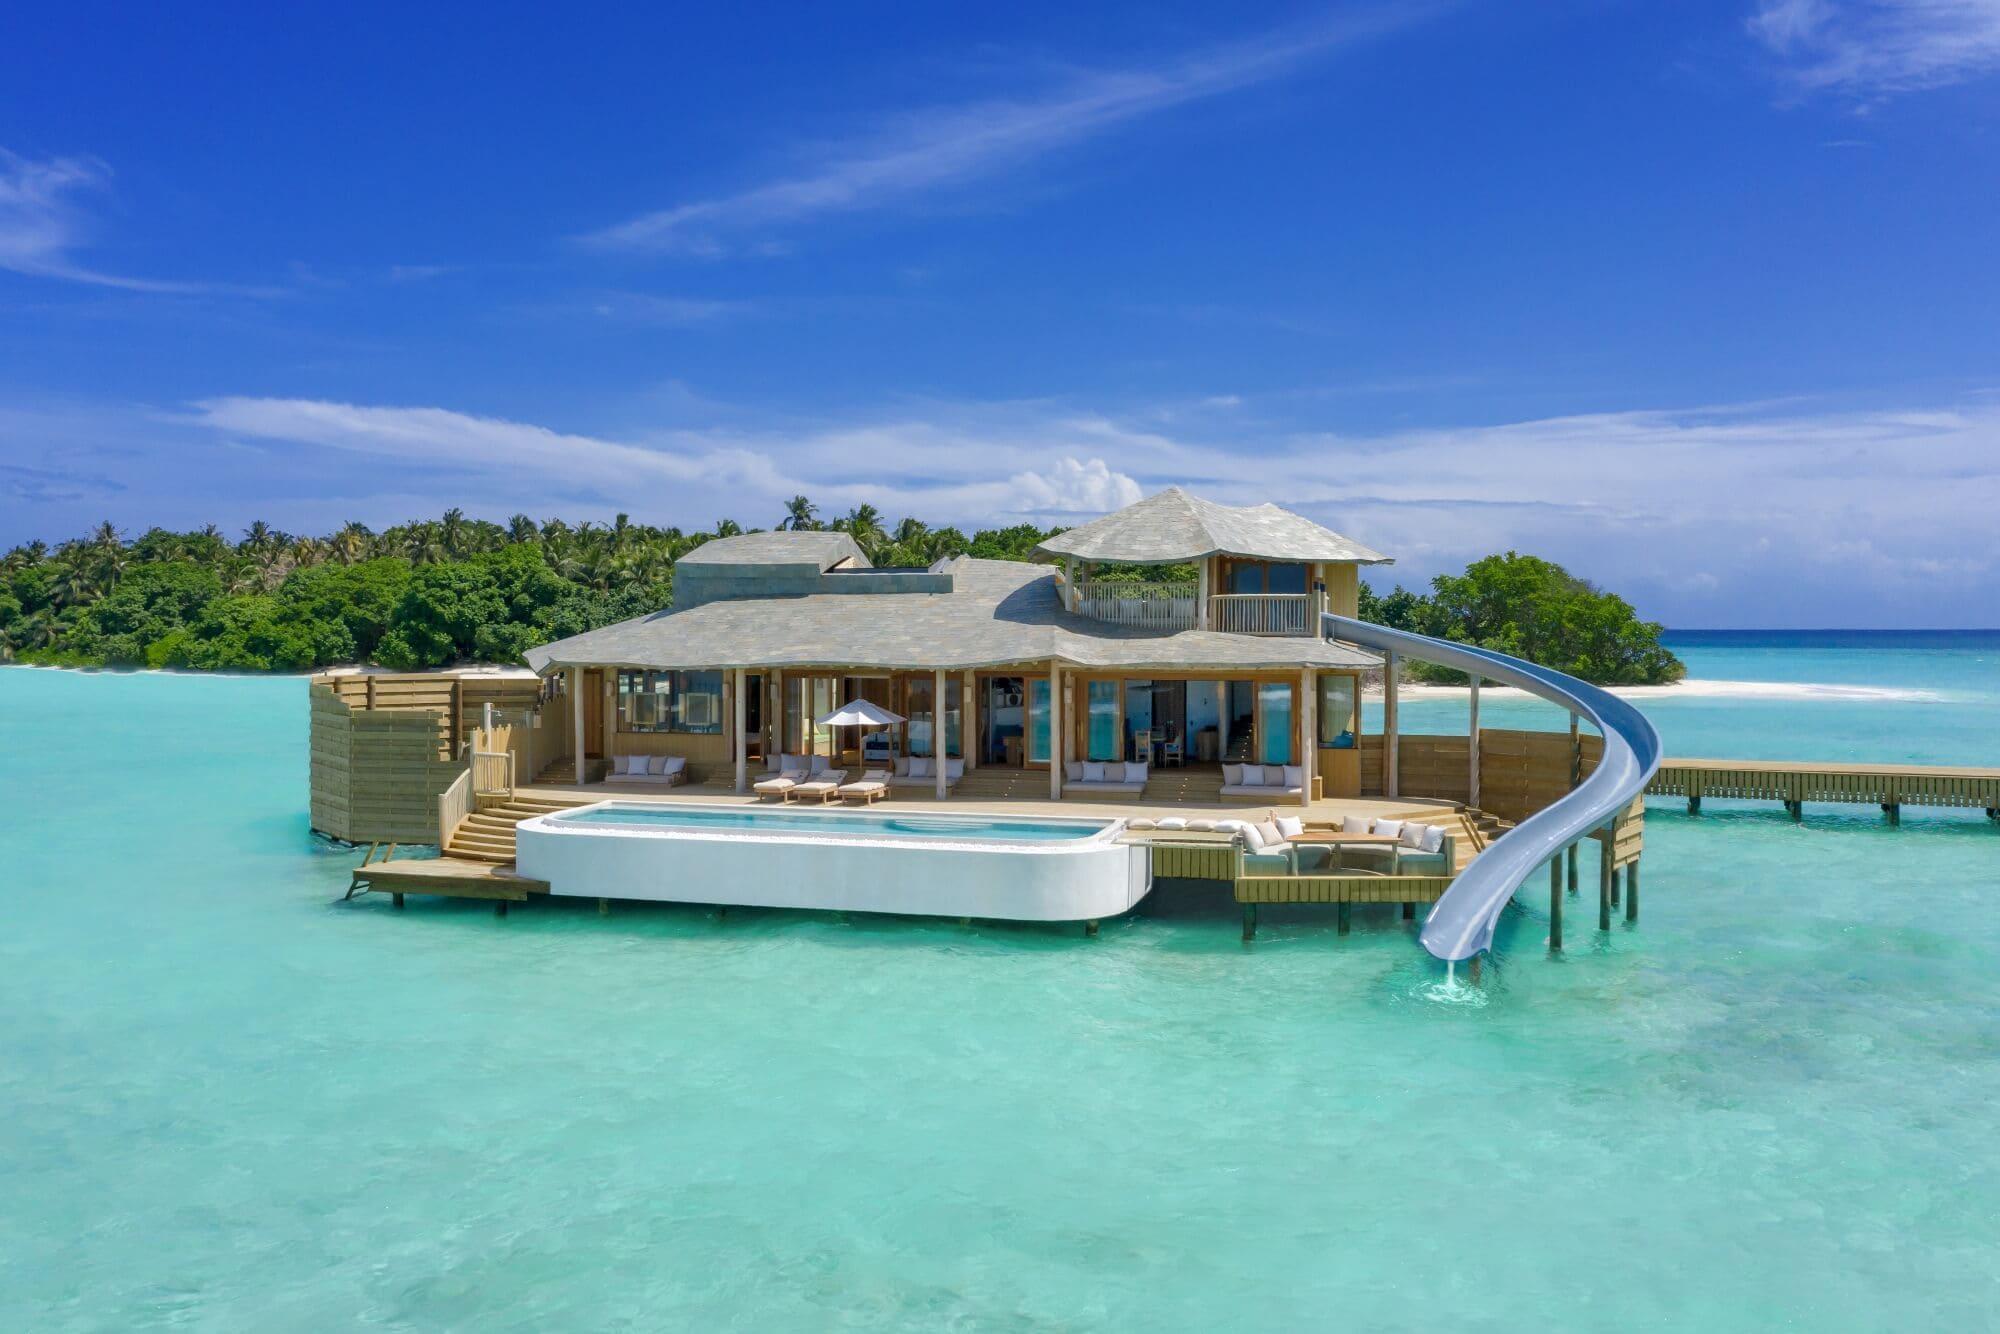 One-Bedroom Water Retreat with Slide atSoneva Fushi, Maldives - Photo by Sandro Bruecklmeier